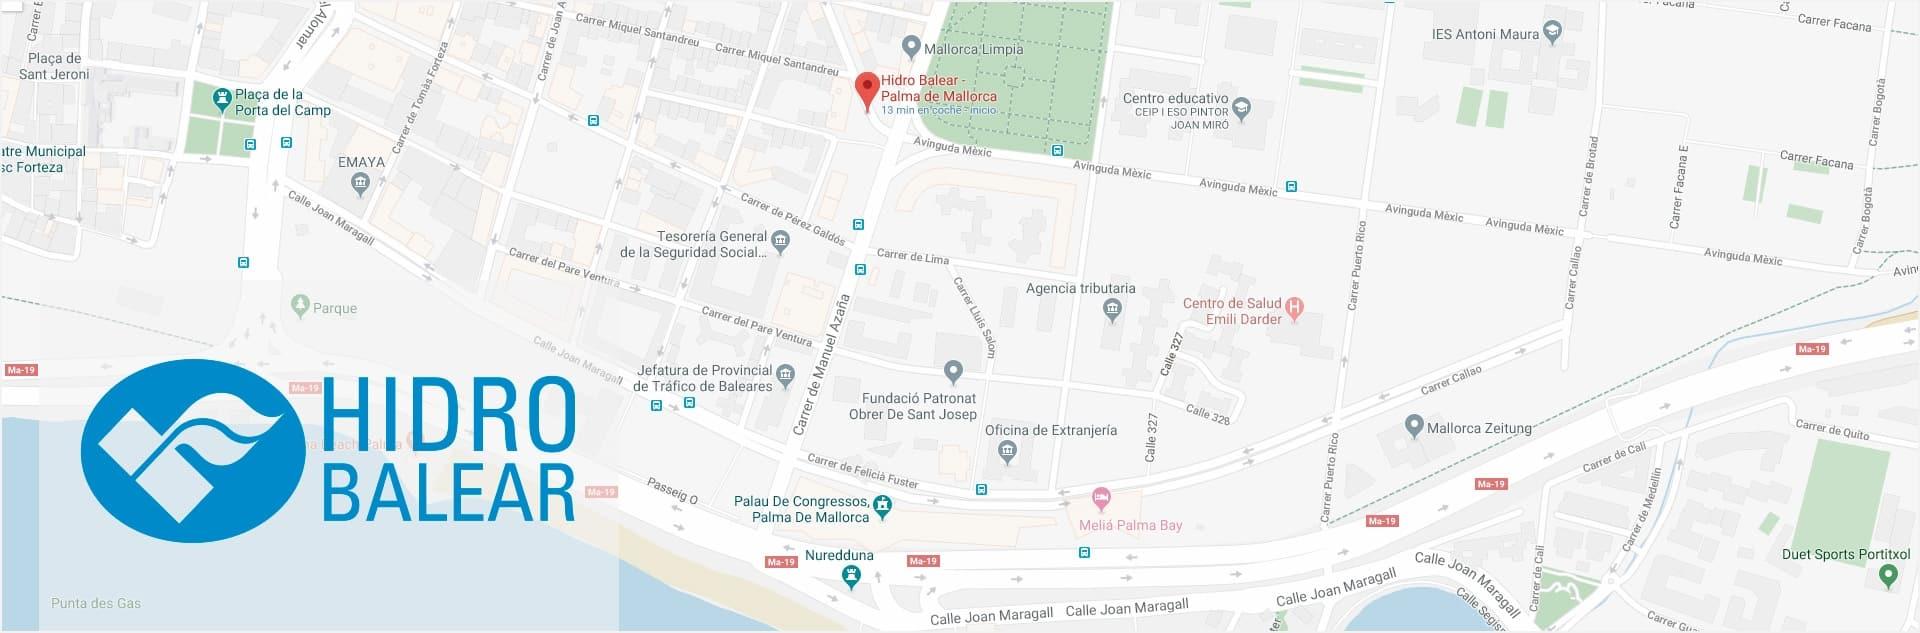 Oficina central, exposición y tienda Hidro Balear Palma de Mallorca